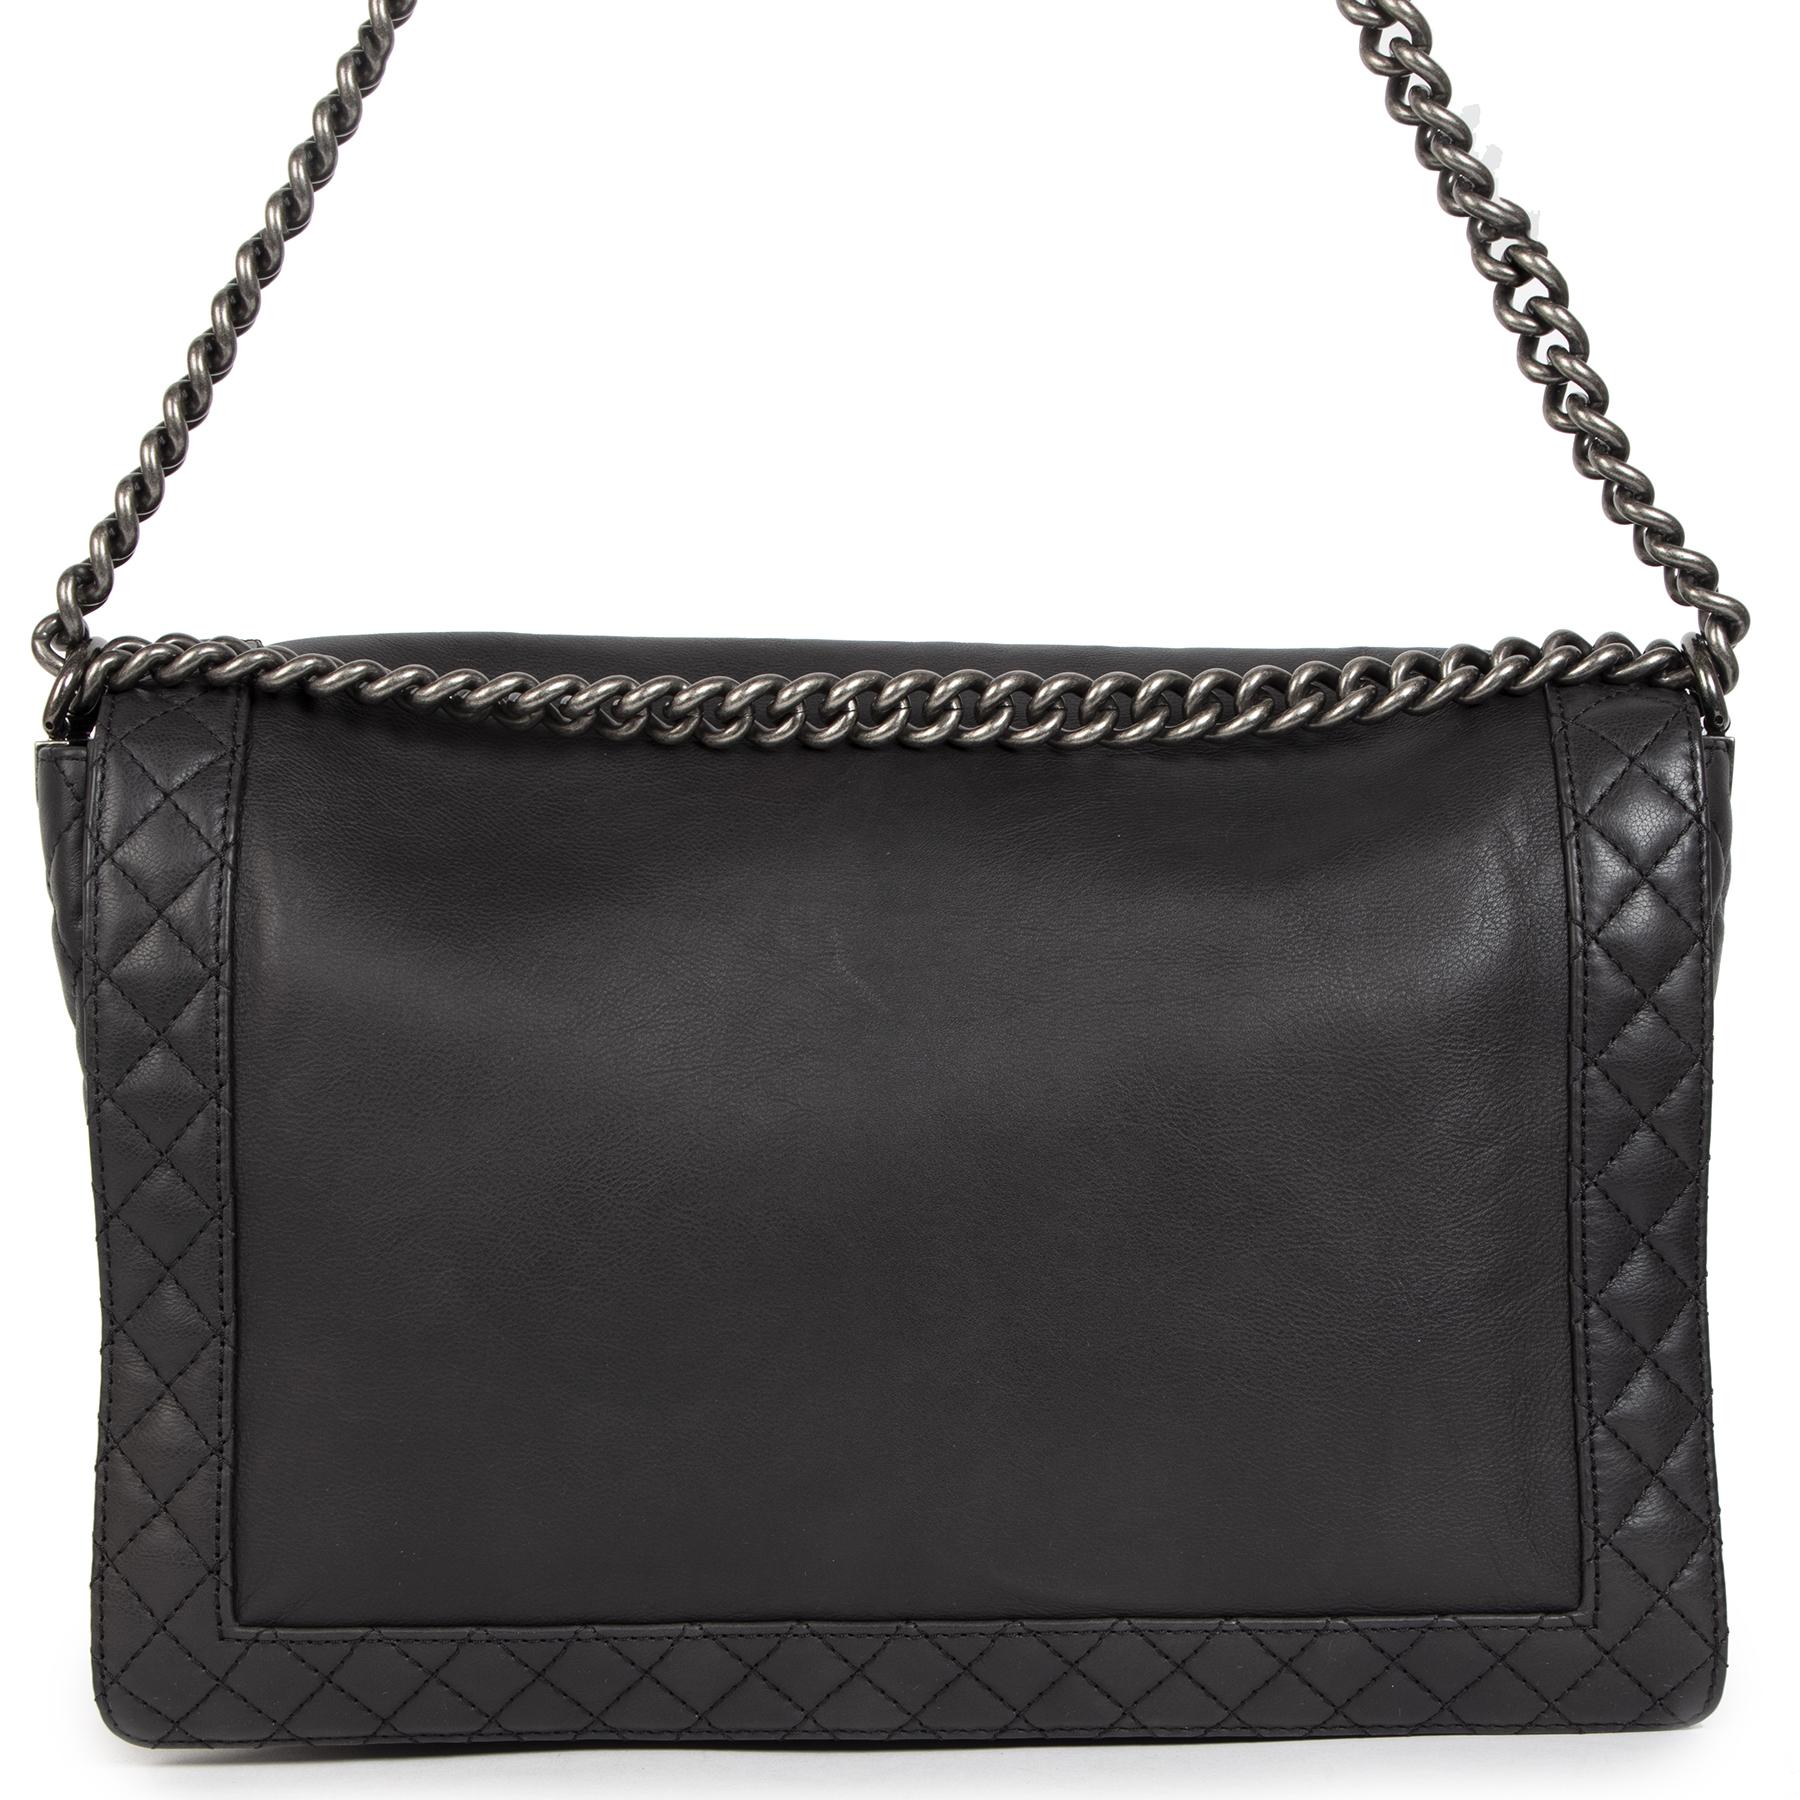 Authentieke Tweedehands Chanel XL Le Boy Reverso Bag juiste prijs veilig online shoppen luxe merken webshop winkelen Antwerpen België mode fashion